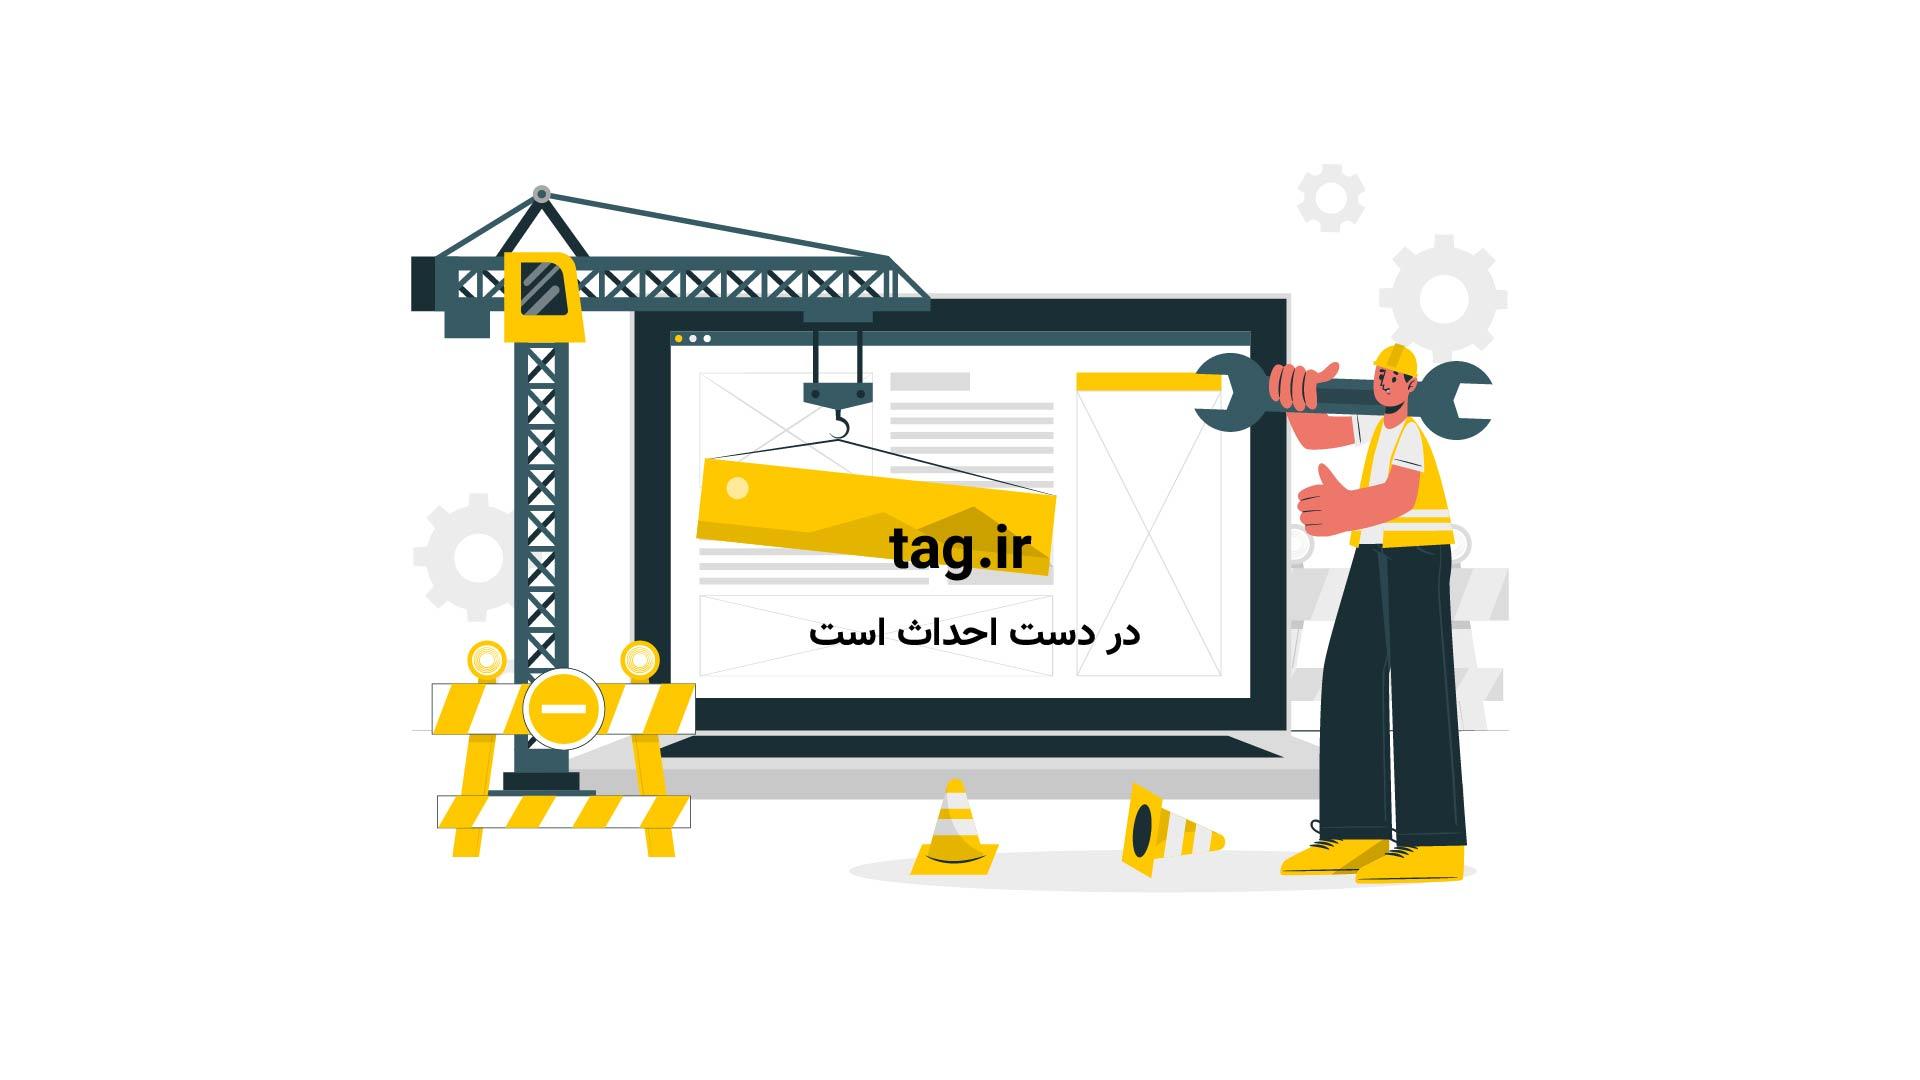 لبخند ایرانمنش در خندوانه | تگ